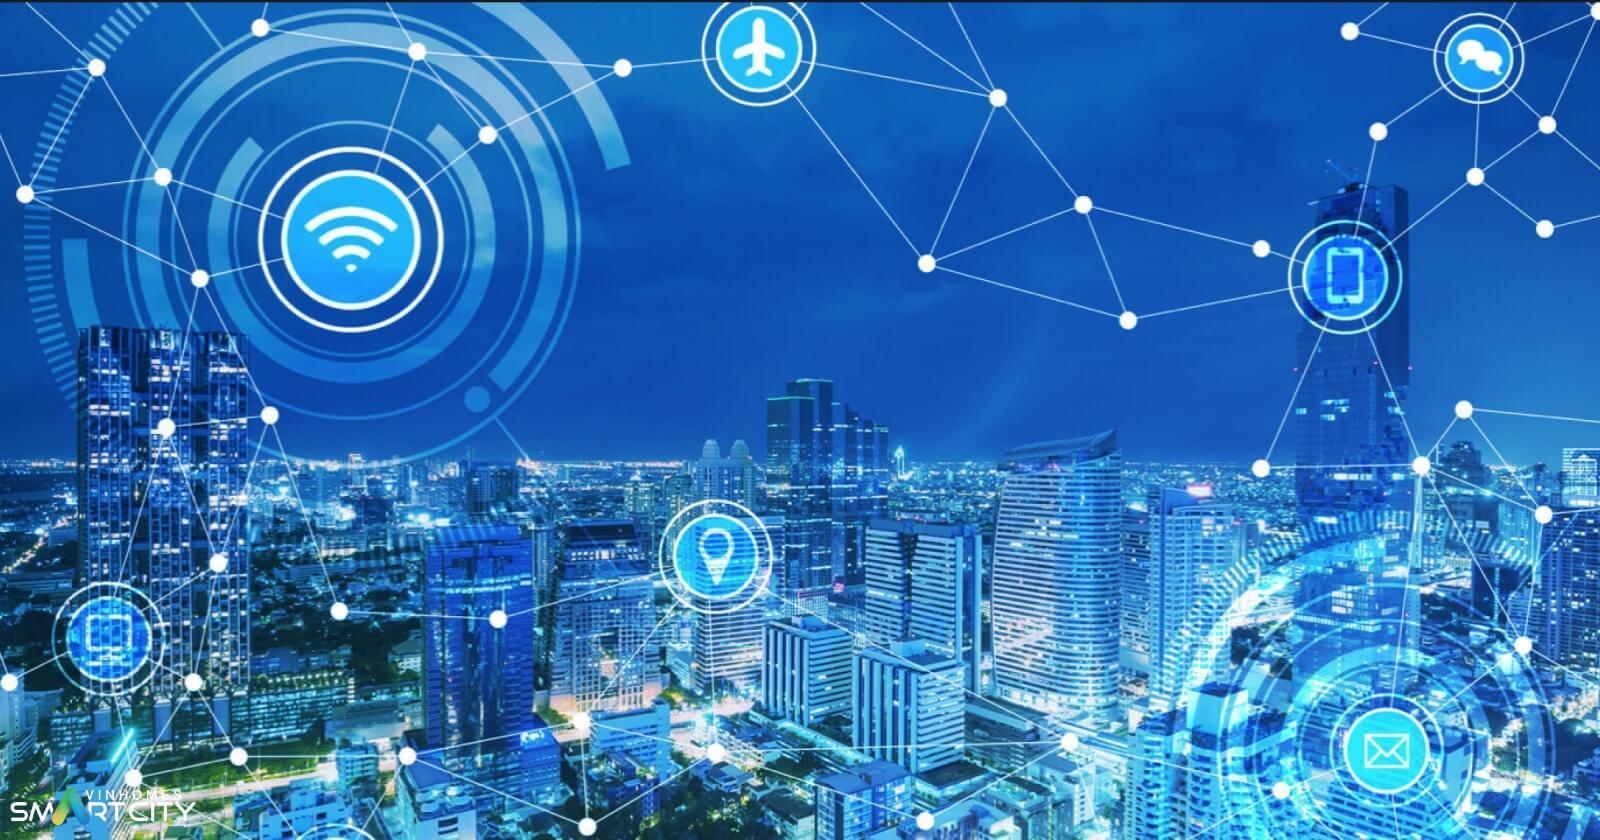 Vinhomes Smart City ứng dụng nhiều công nghệ thông minh tiên tiến Thế giới